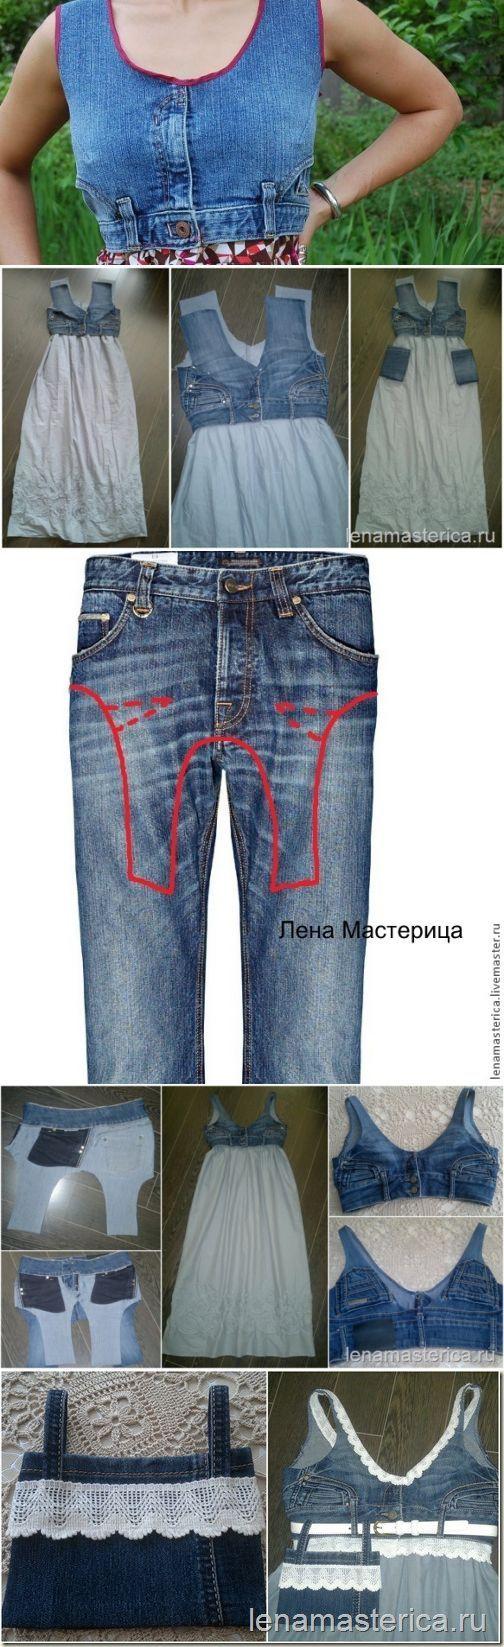 Из старых джинсов платье своими руками мастер